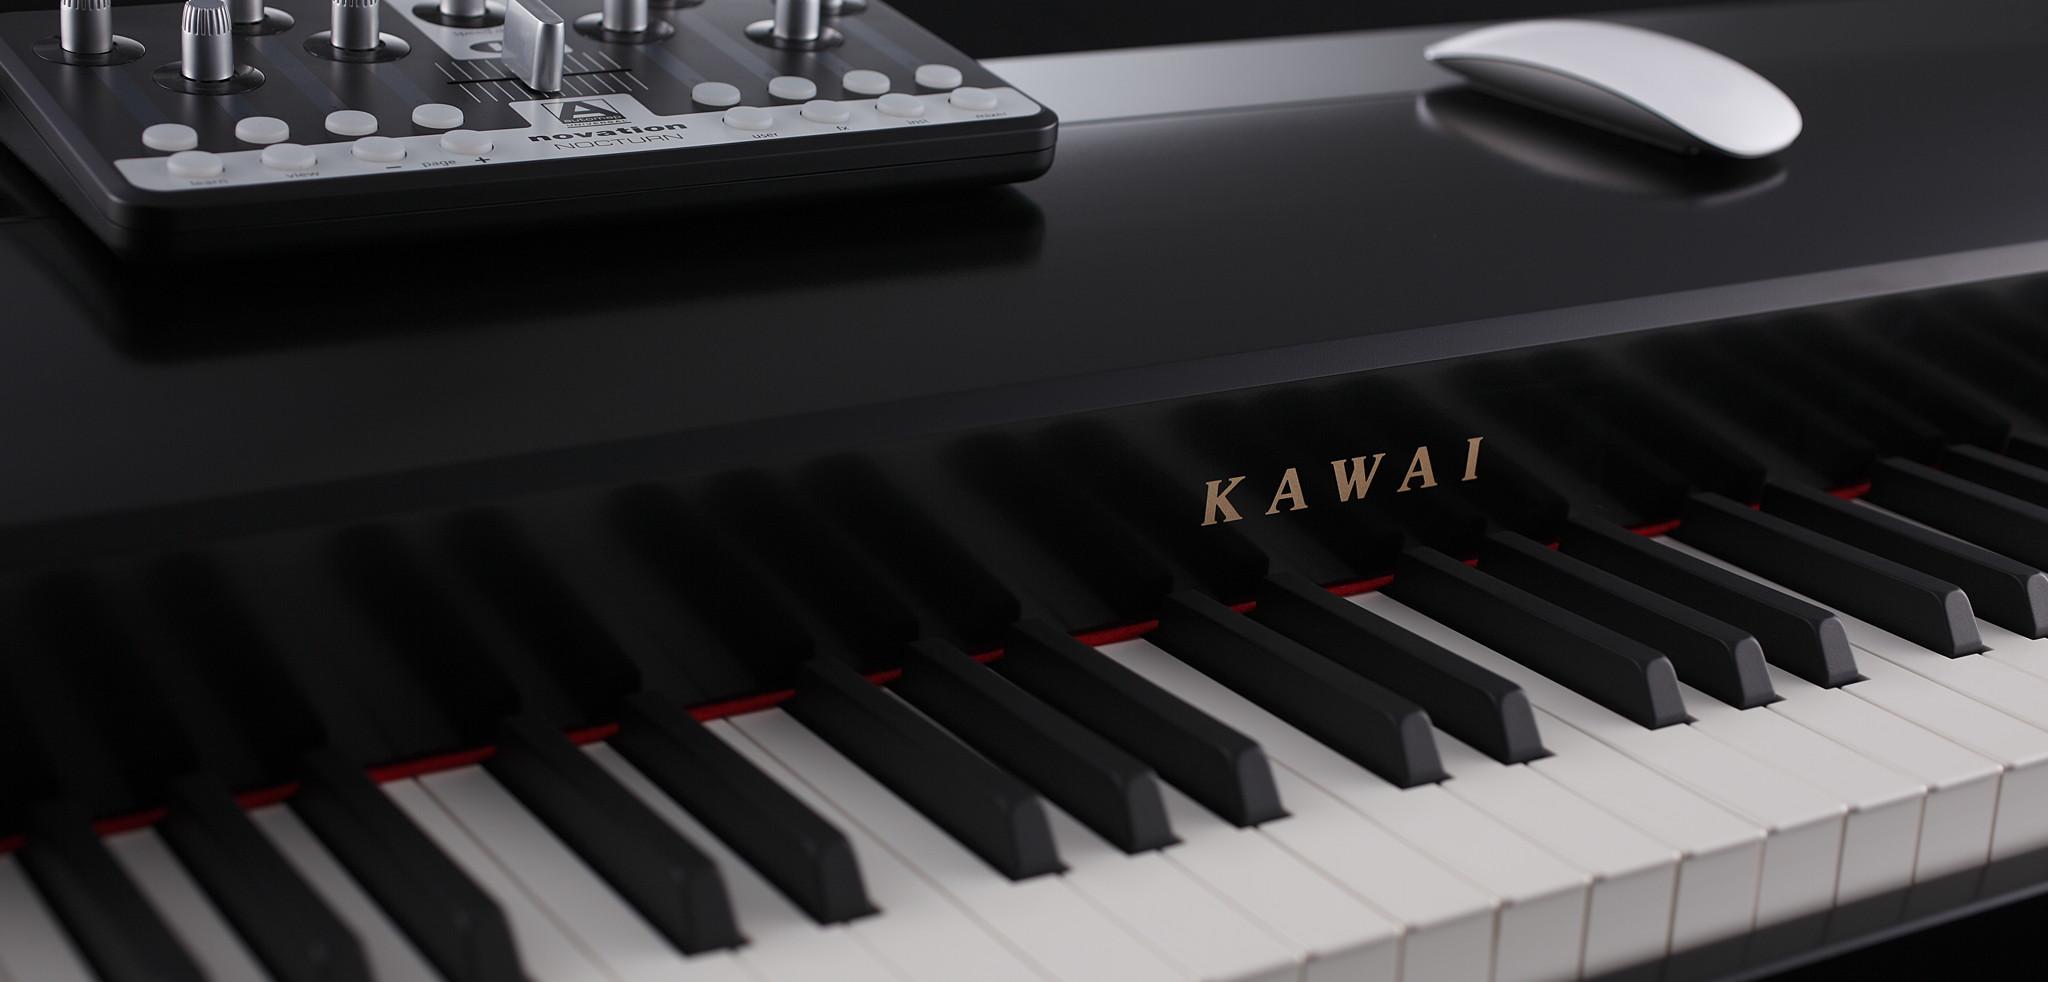 VPC1 Digital Pianos Products Kawai Musical Instruments